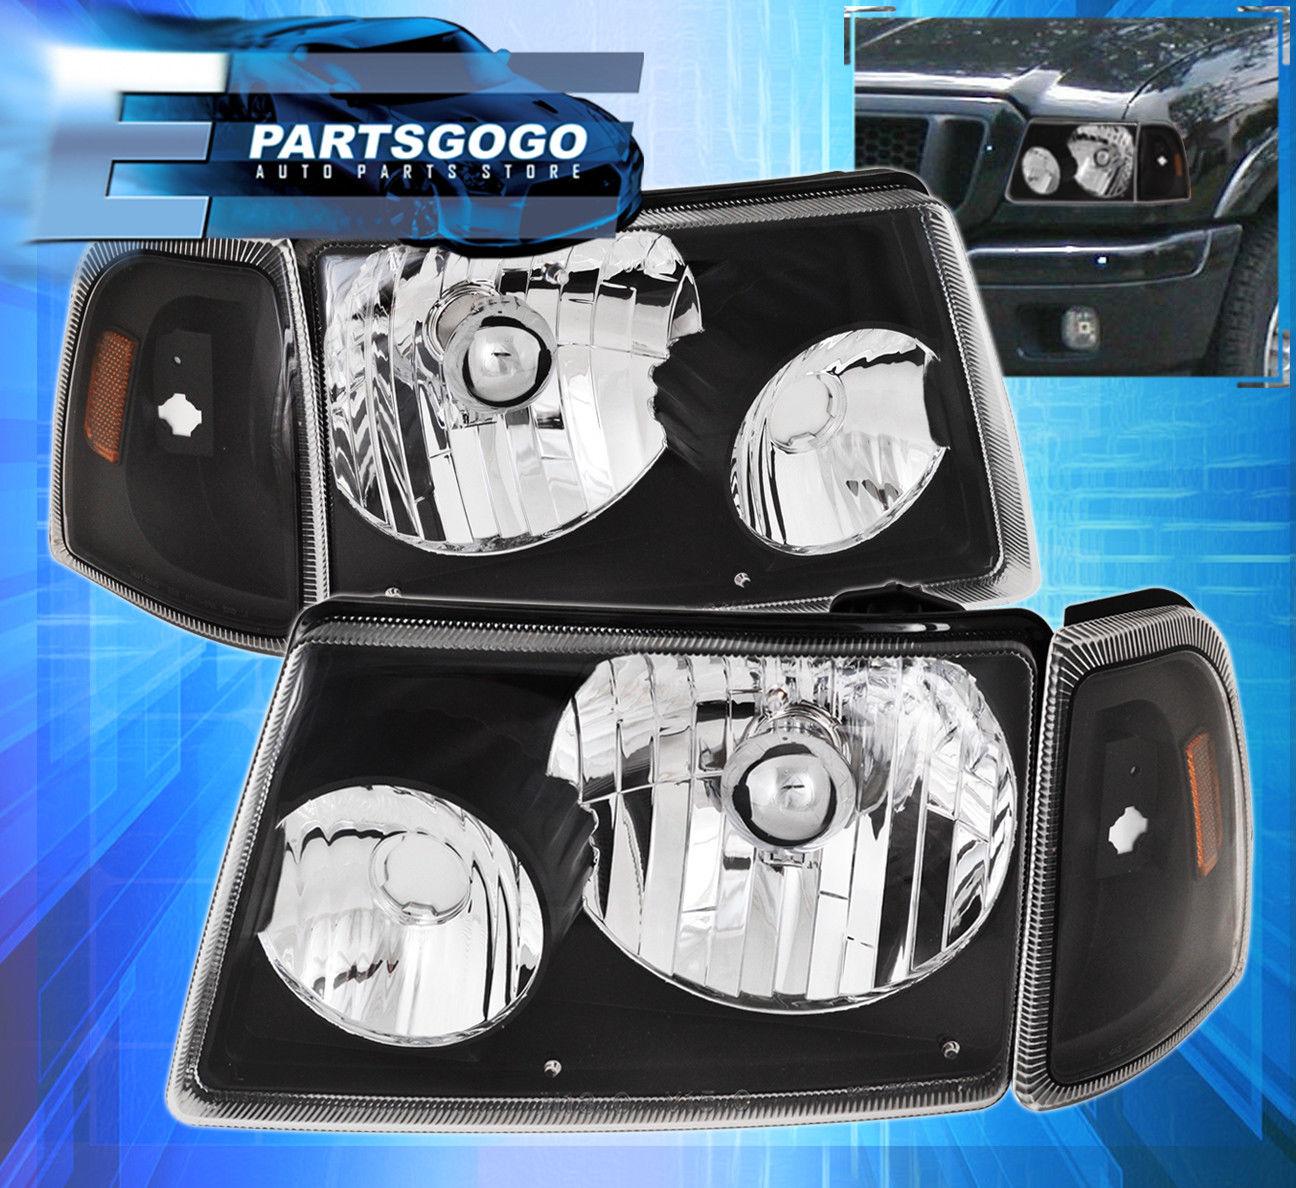 コーナーライト 01-12 Ranger Direct Replacement Driving Head Lights Corner Lamps Lh Rh Set Black 01-12レンジャーダイレクト交換ヘッドランプコーナーランプLh Rhセットブラック